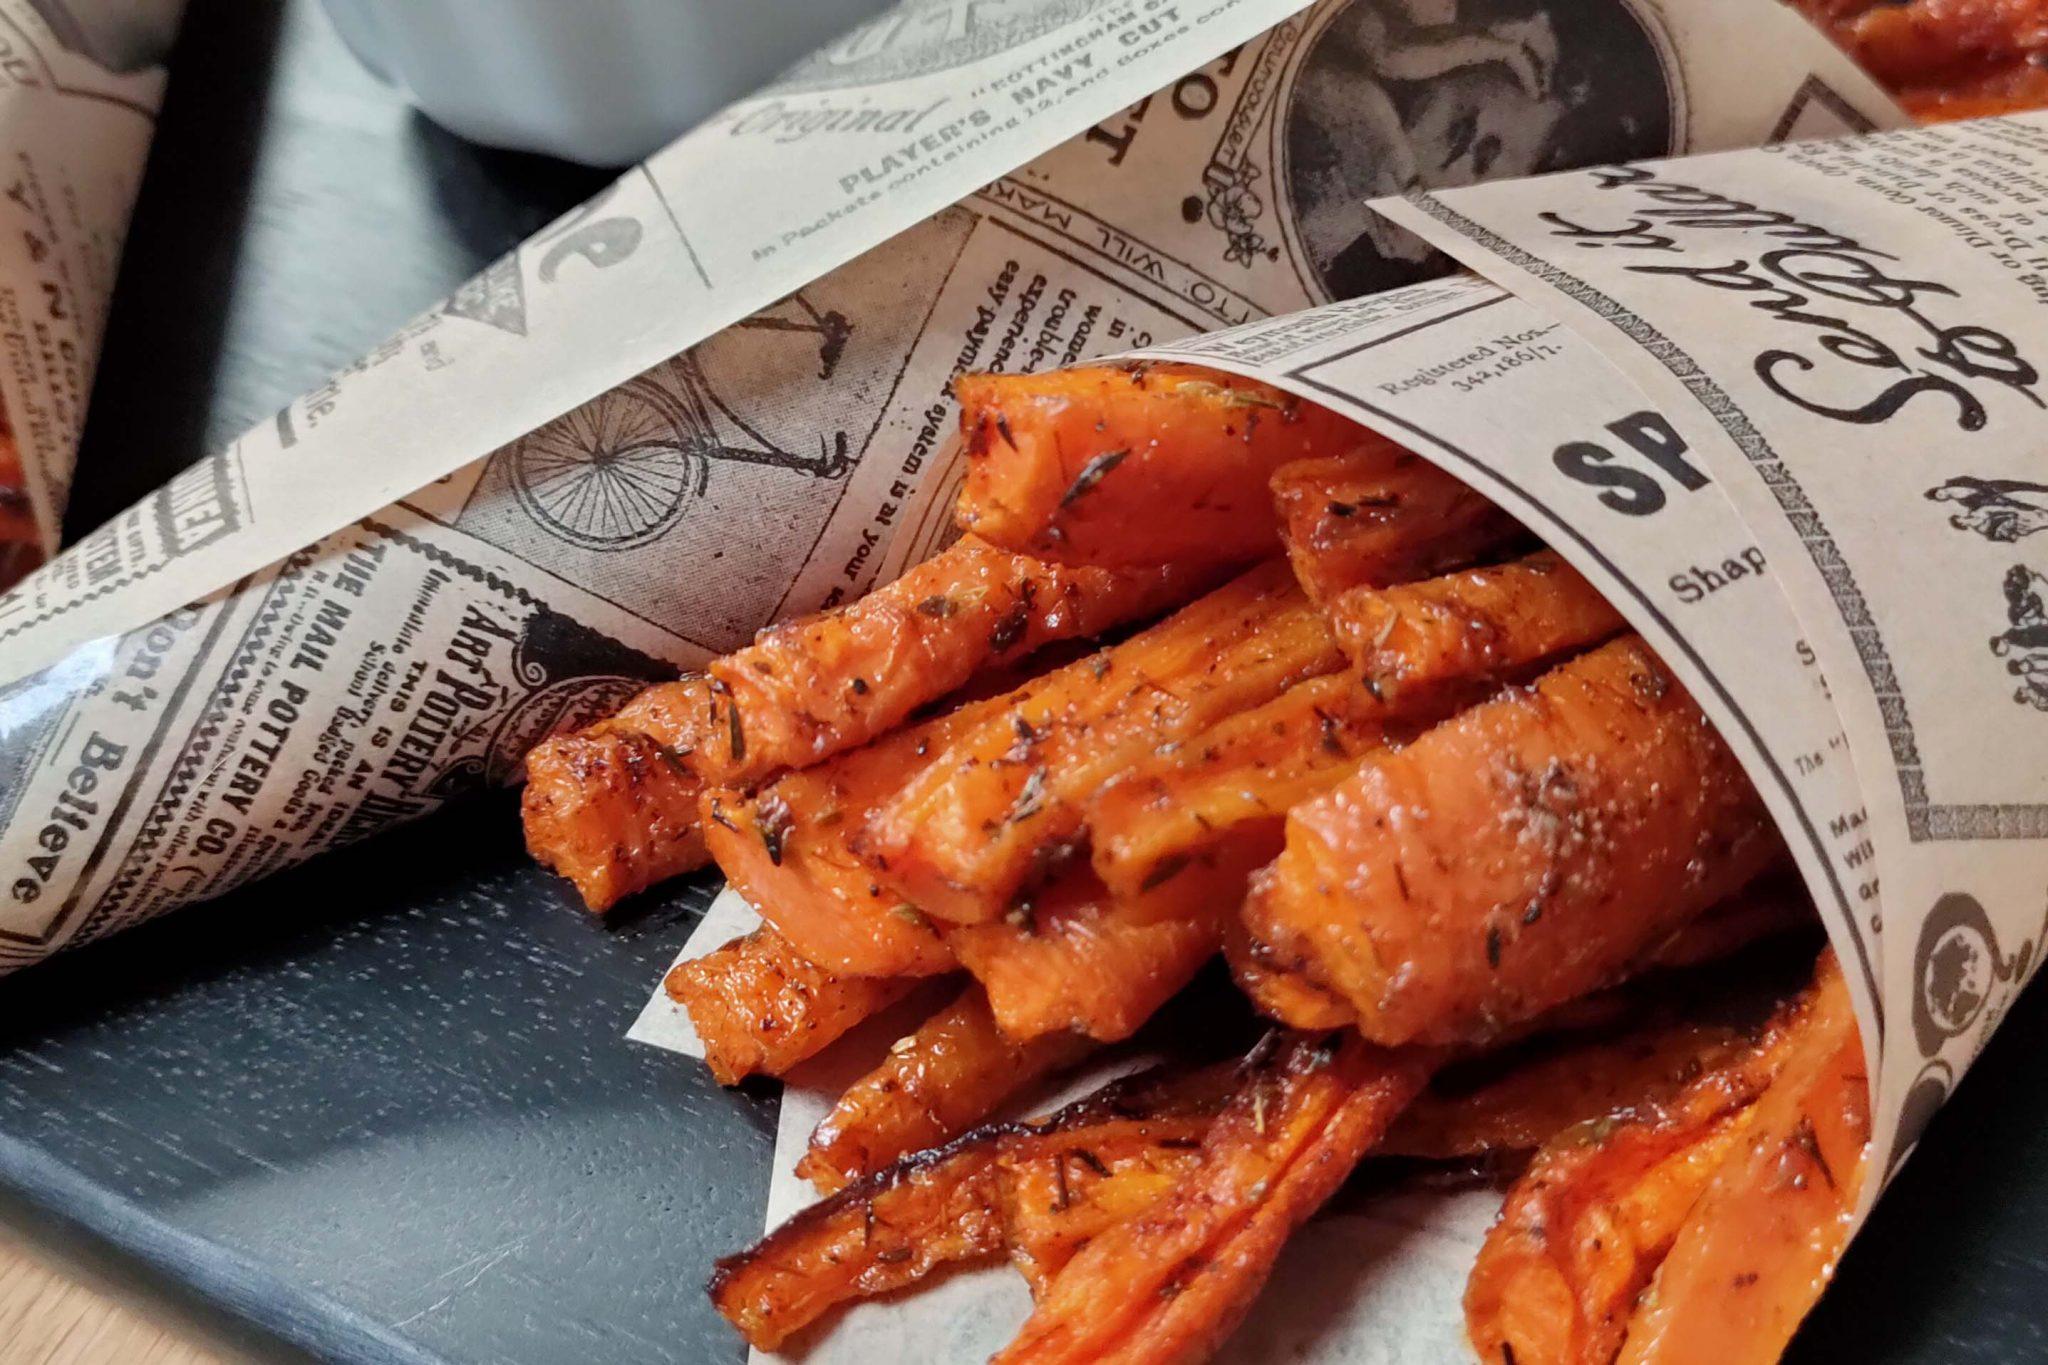 zanahorias deluxe con tofunesa